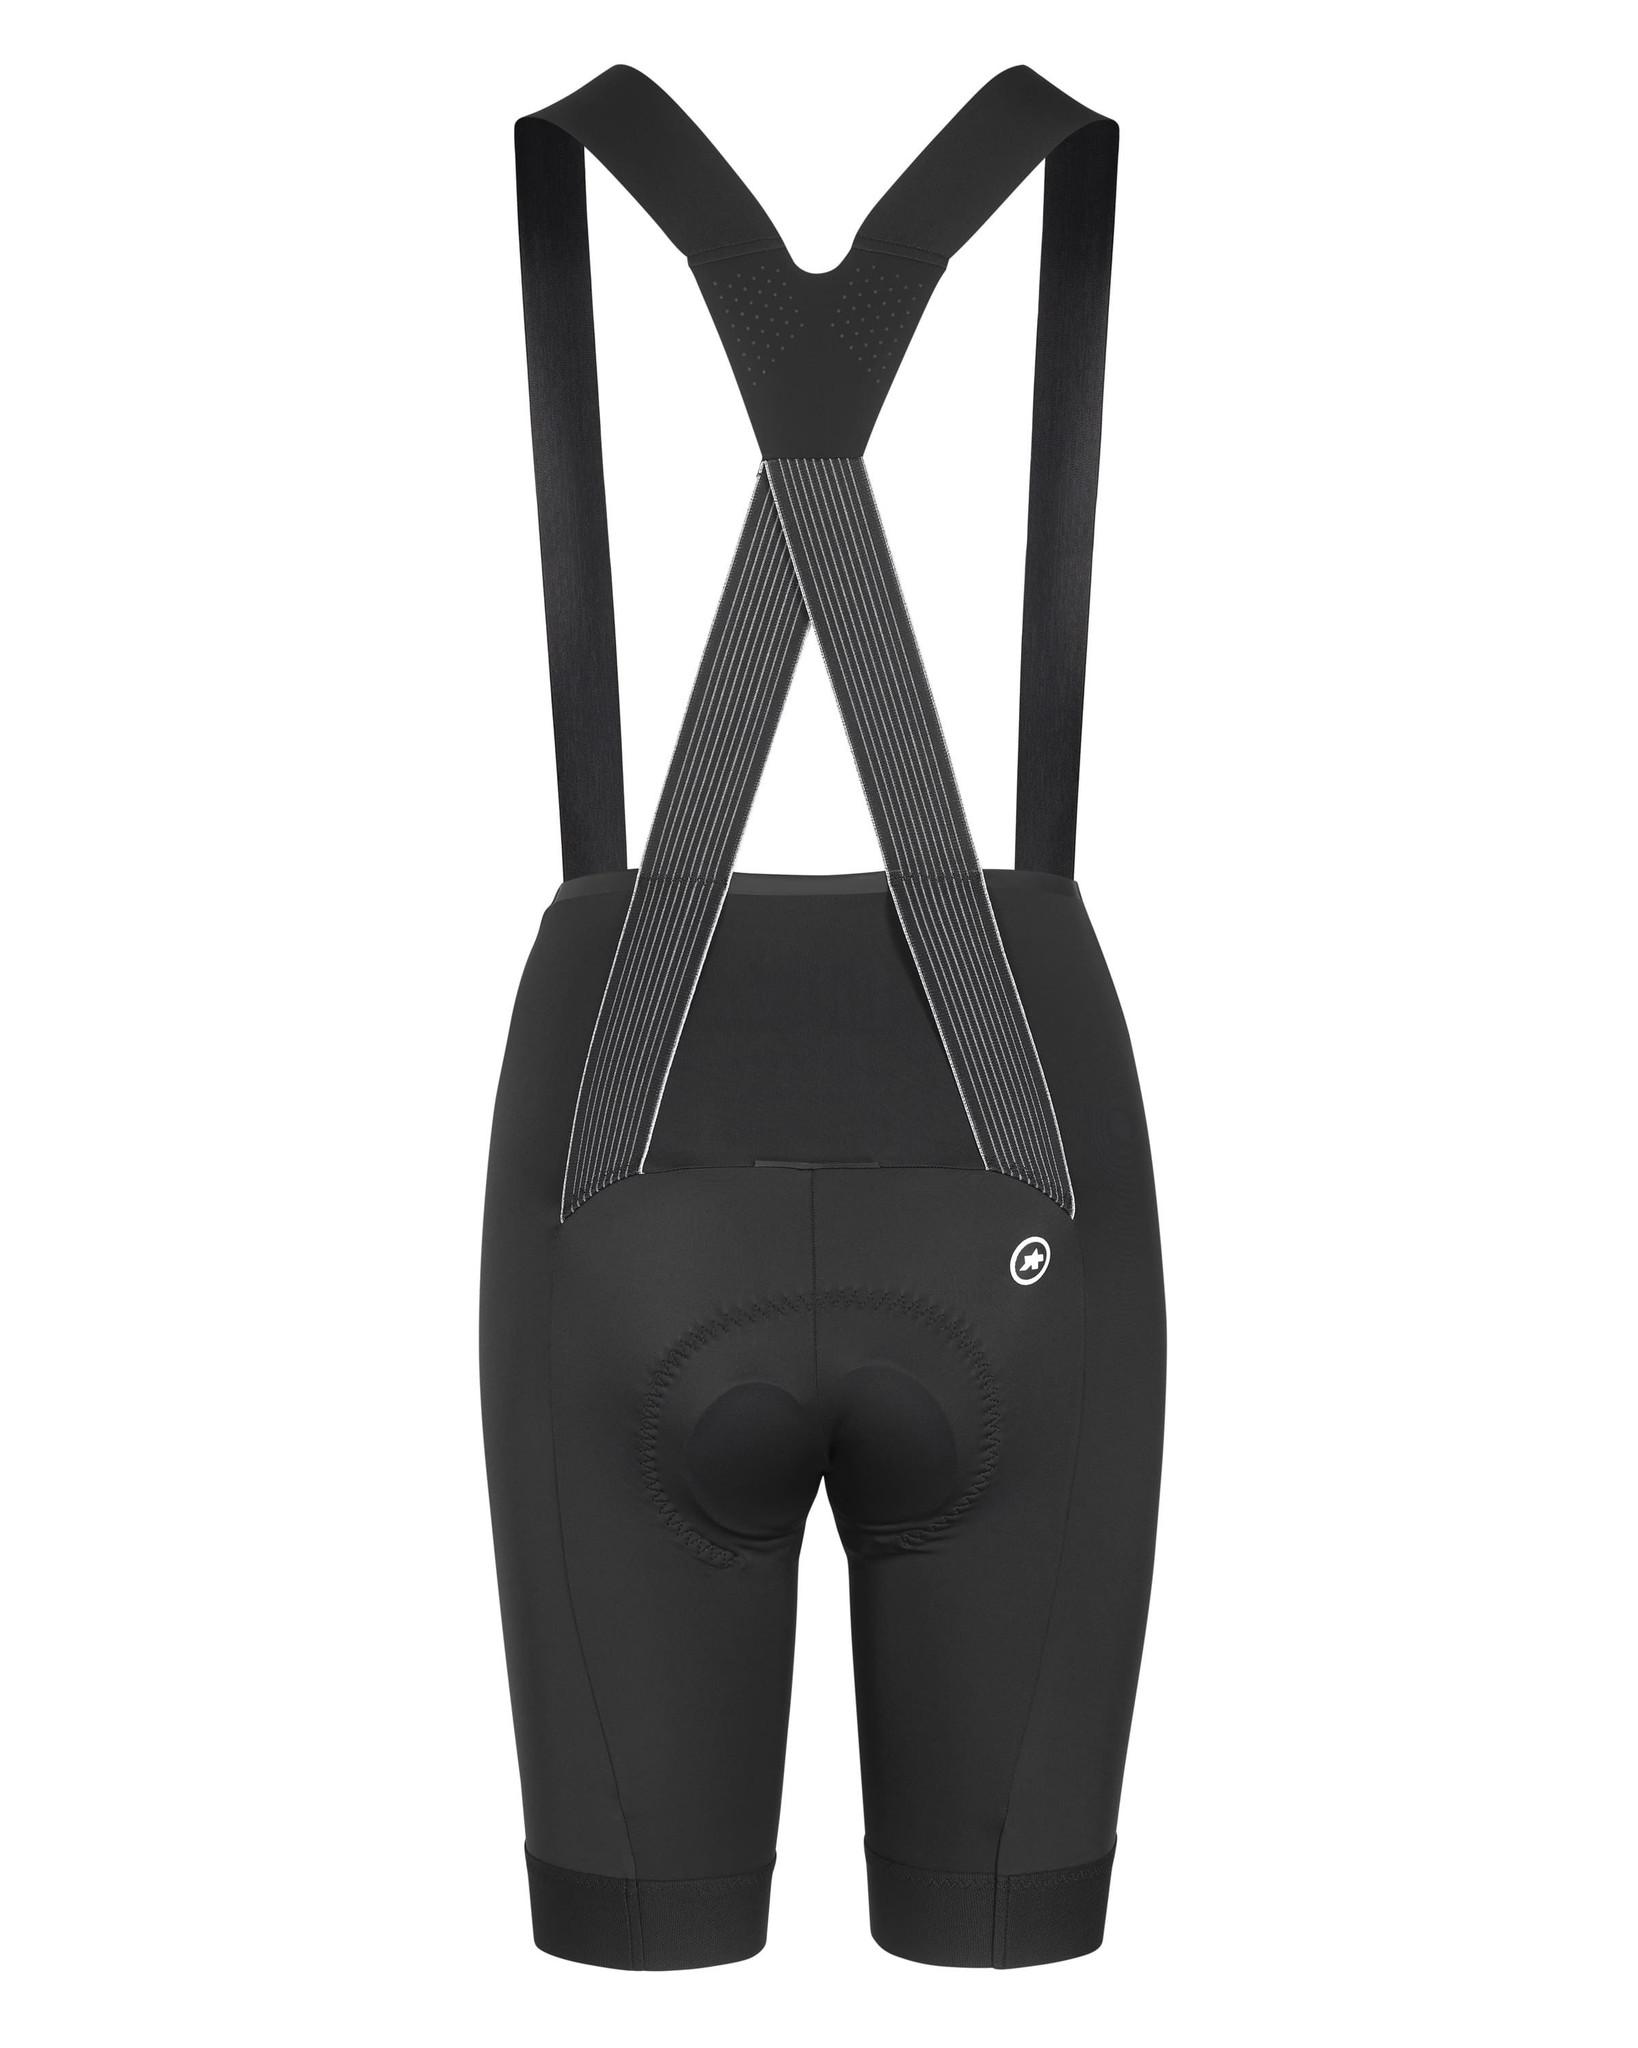 Assos Assos Dyora RS Summer bib Shorts S9 Damesbroek Zwart